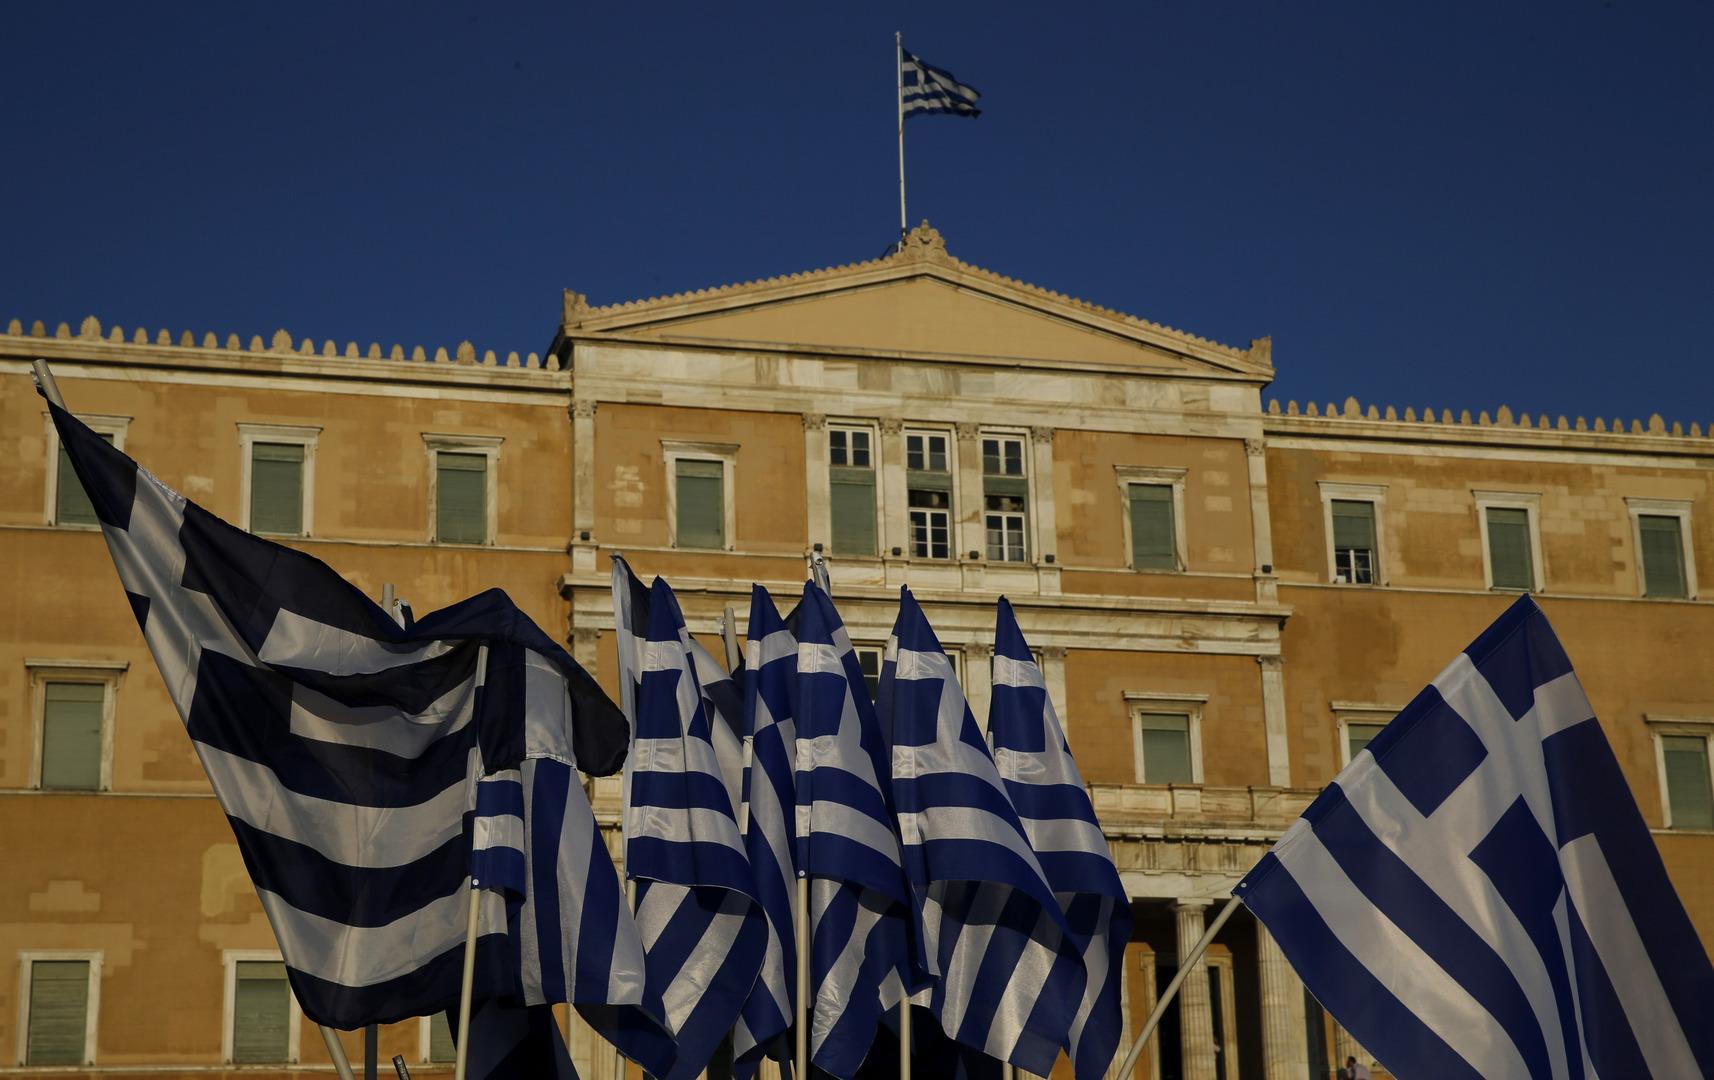 مقر البرلمان اليوناني